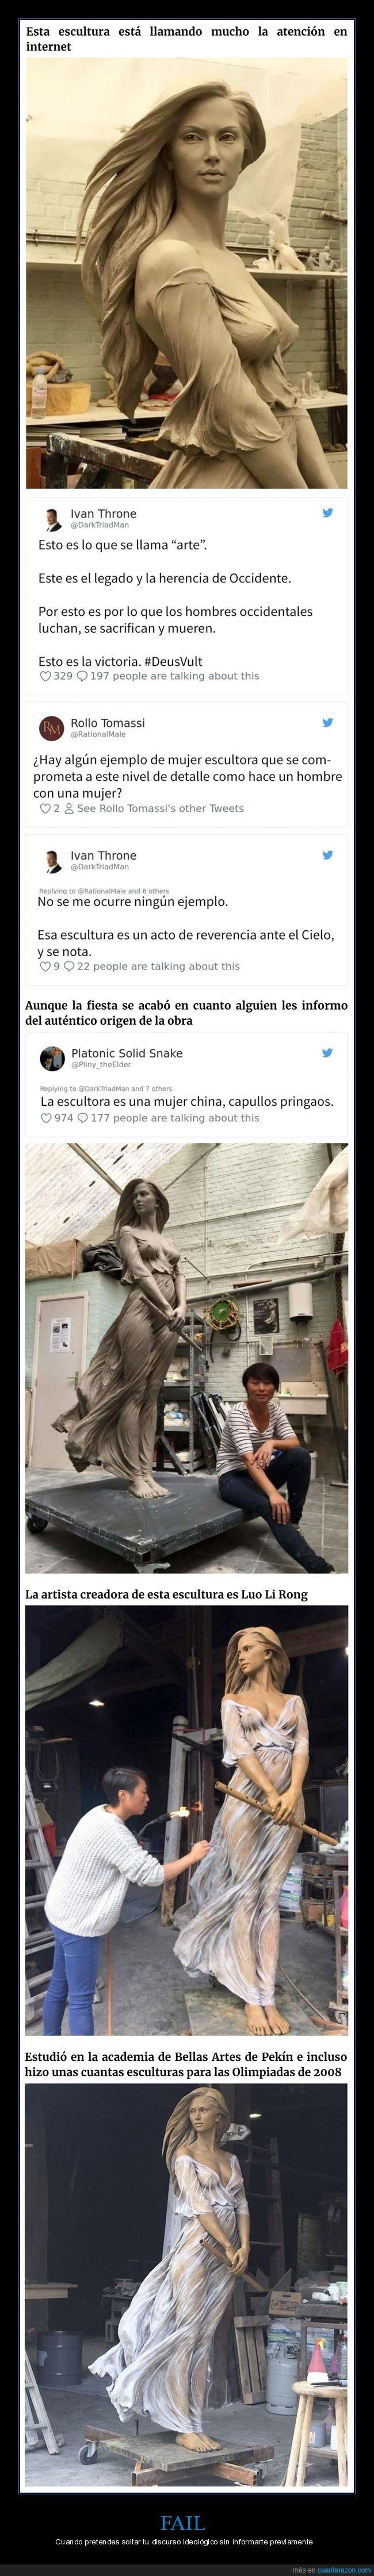 artista,escultura,mujer,sexistas